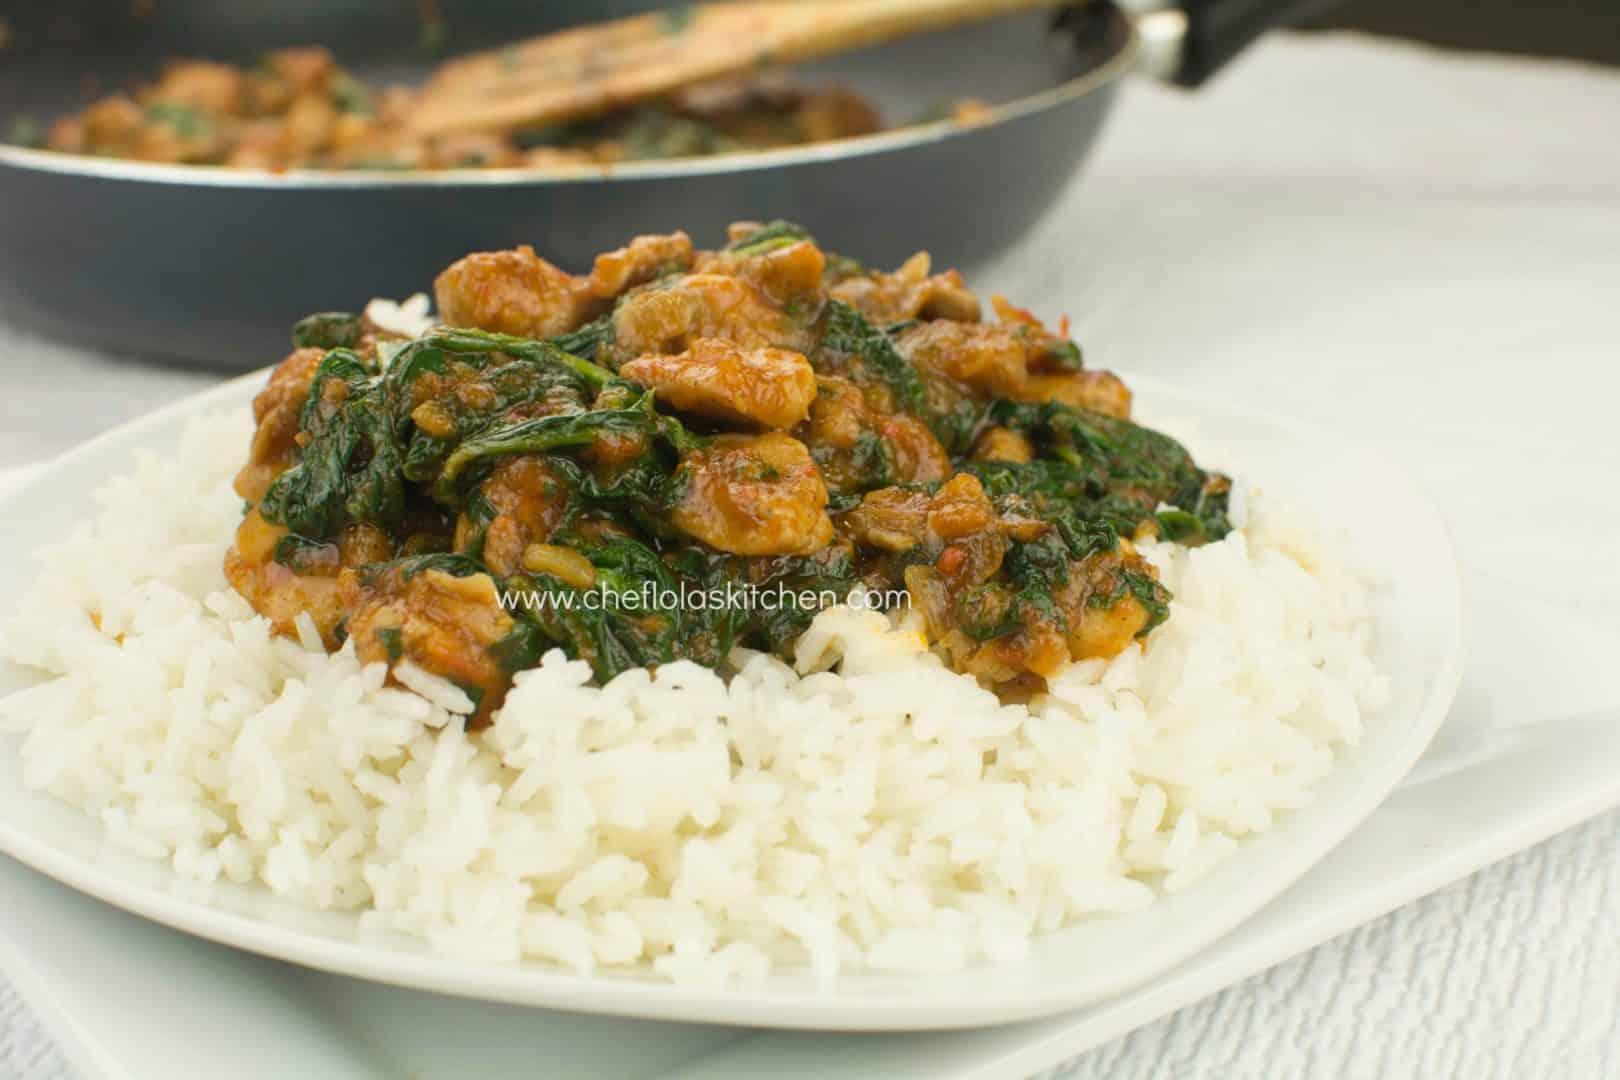 Chicken stir fry with Spinach